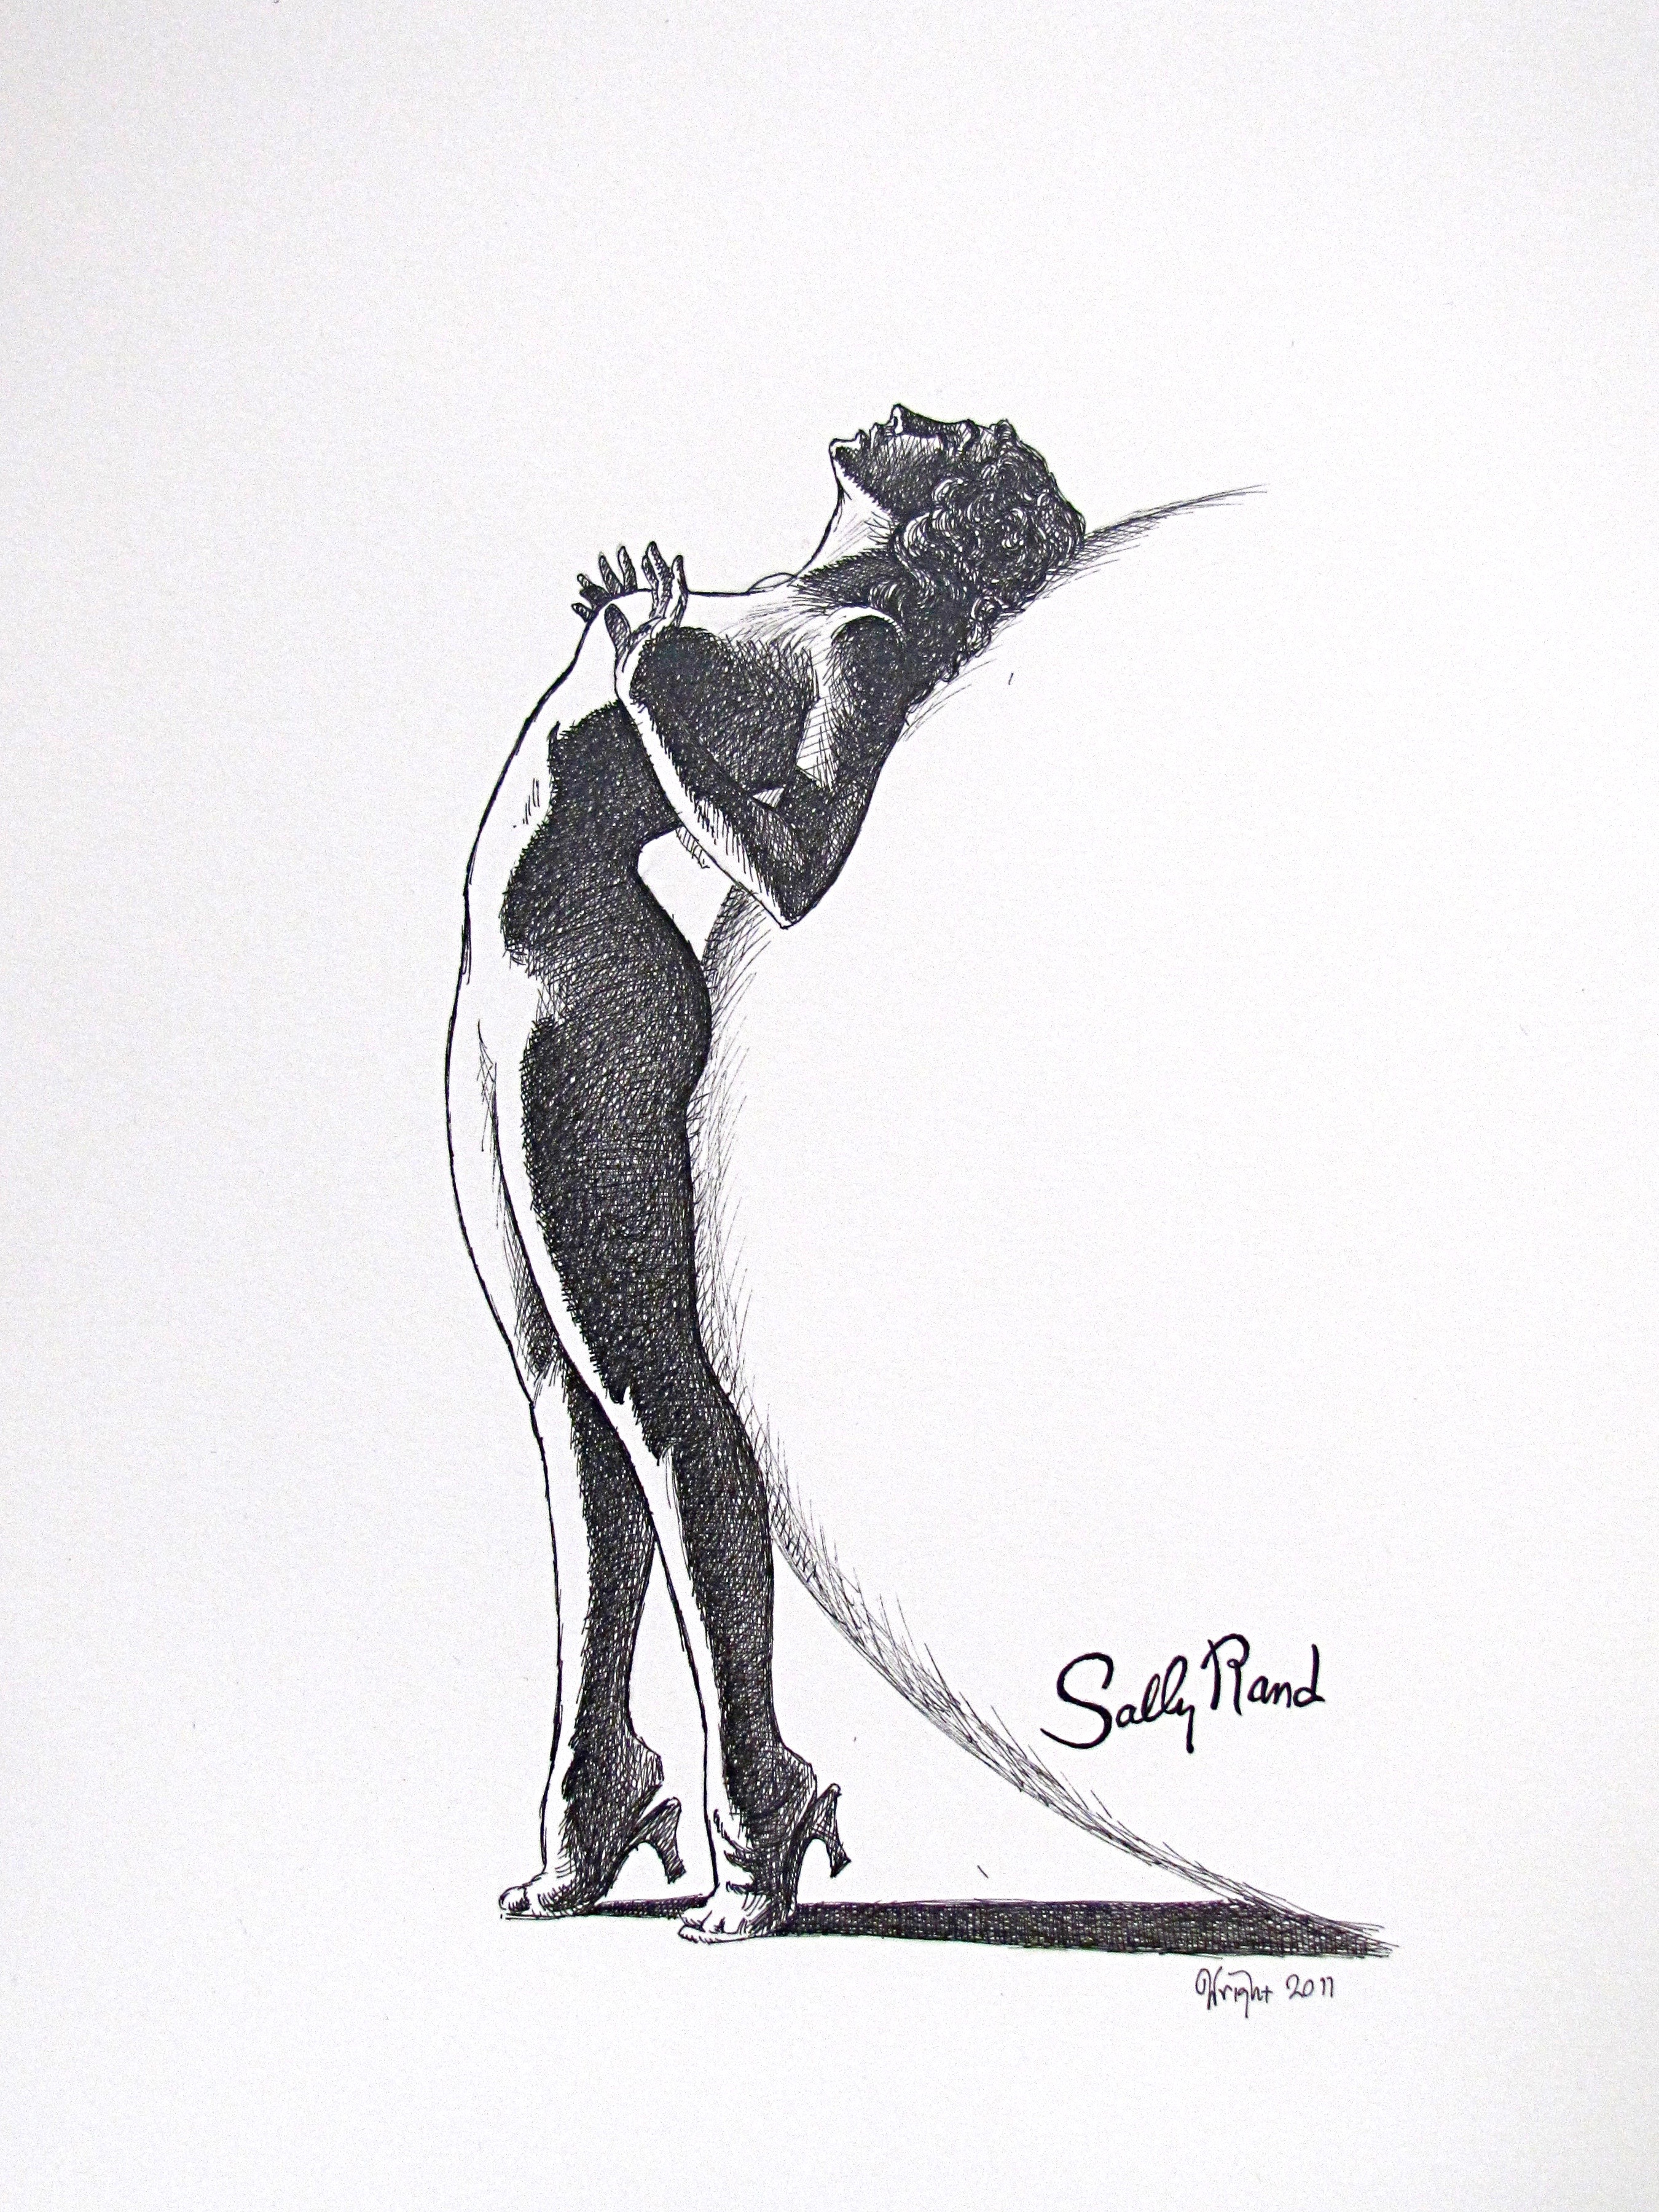 Sally Rand